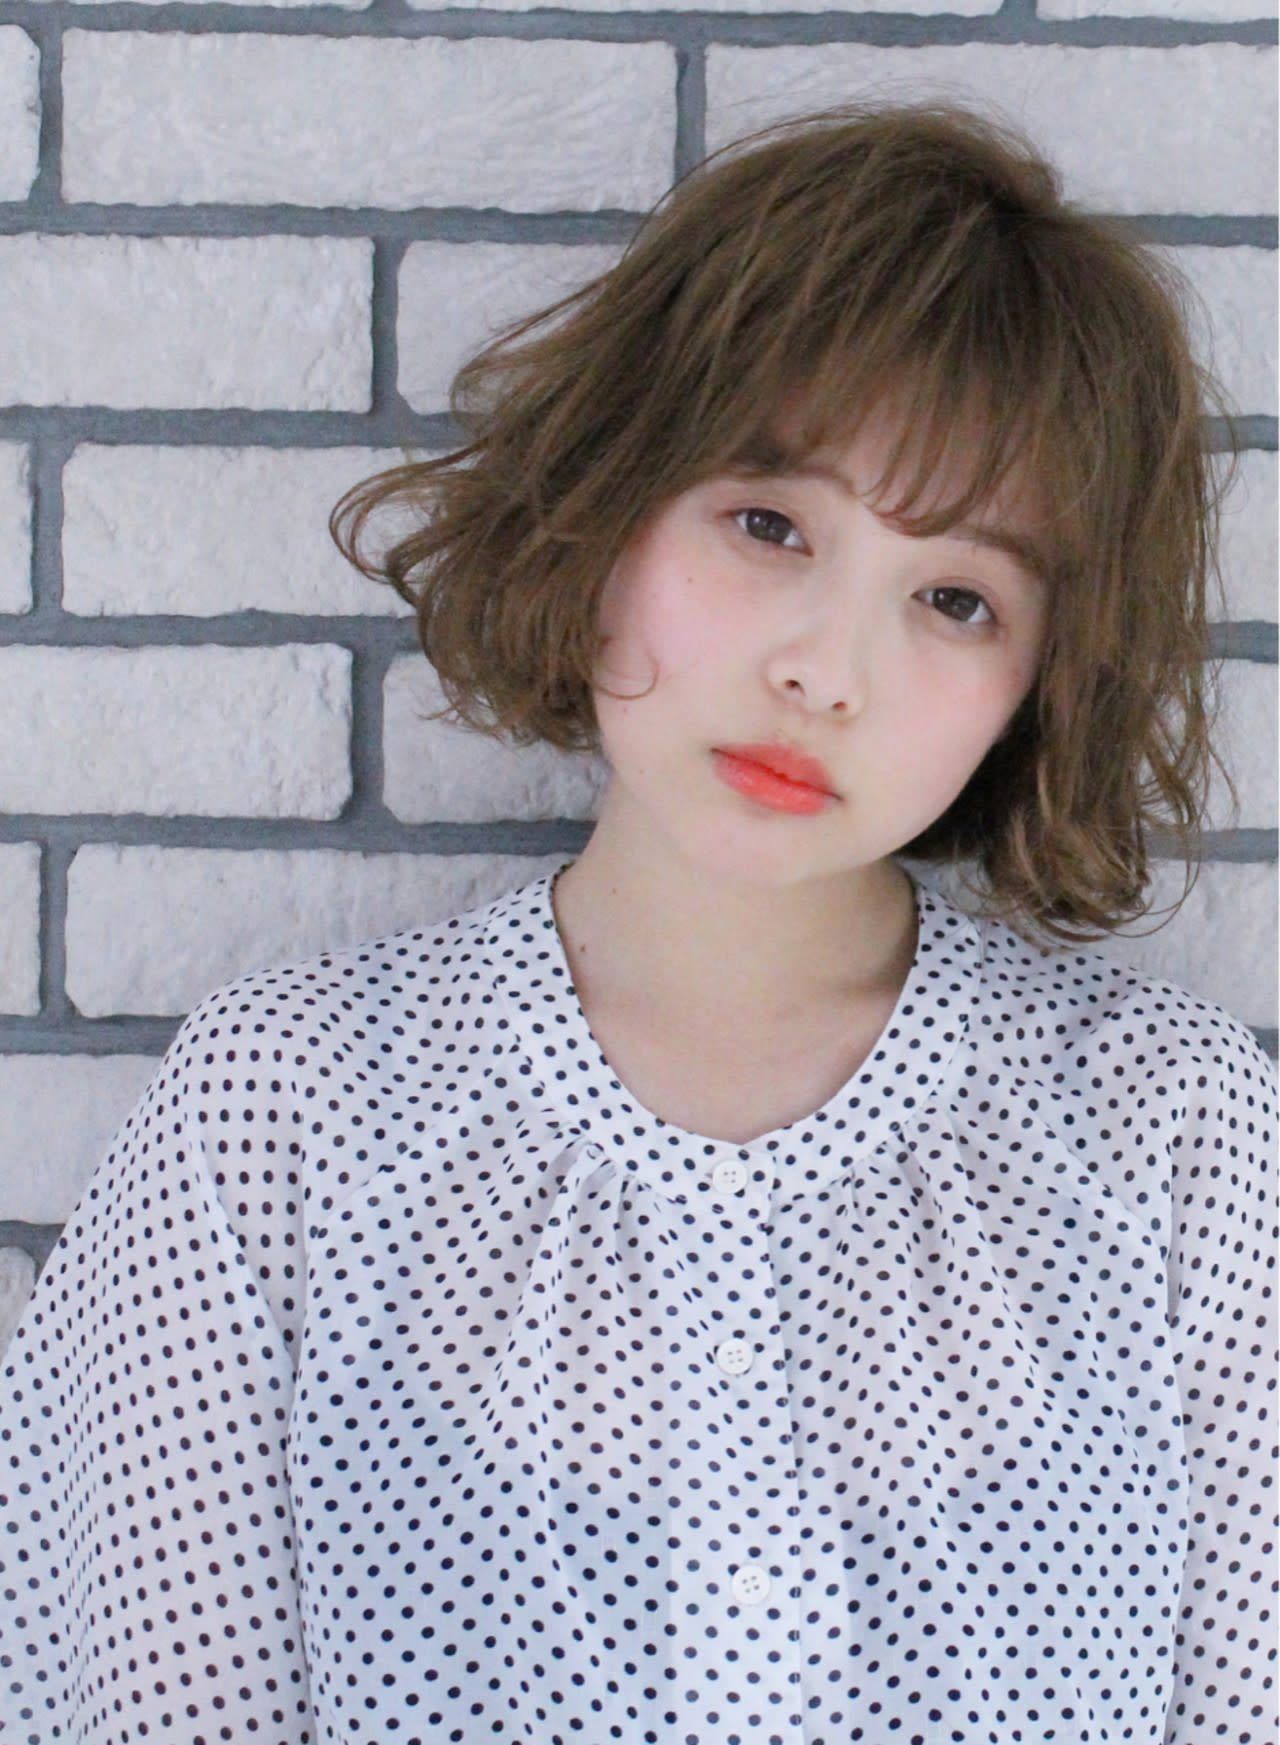 令人不由得想要保護妳!可愛的無分邊前髮♡ 工藤 直耶/前髪專家